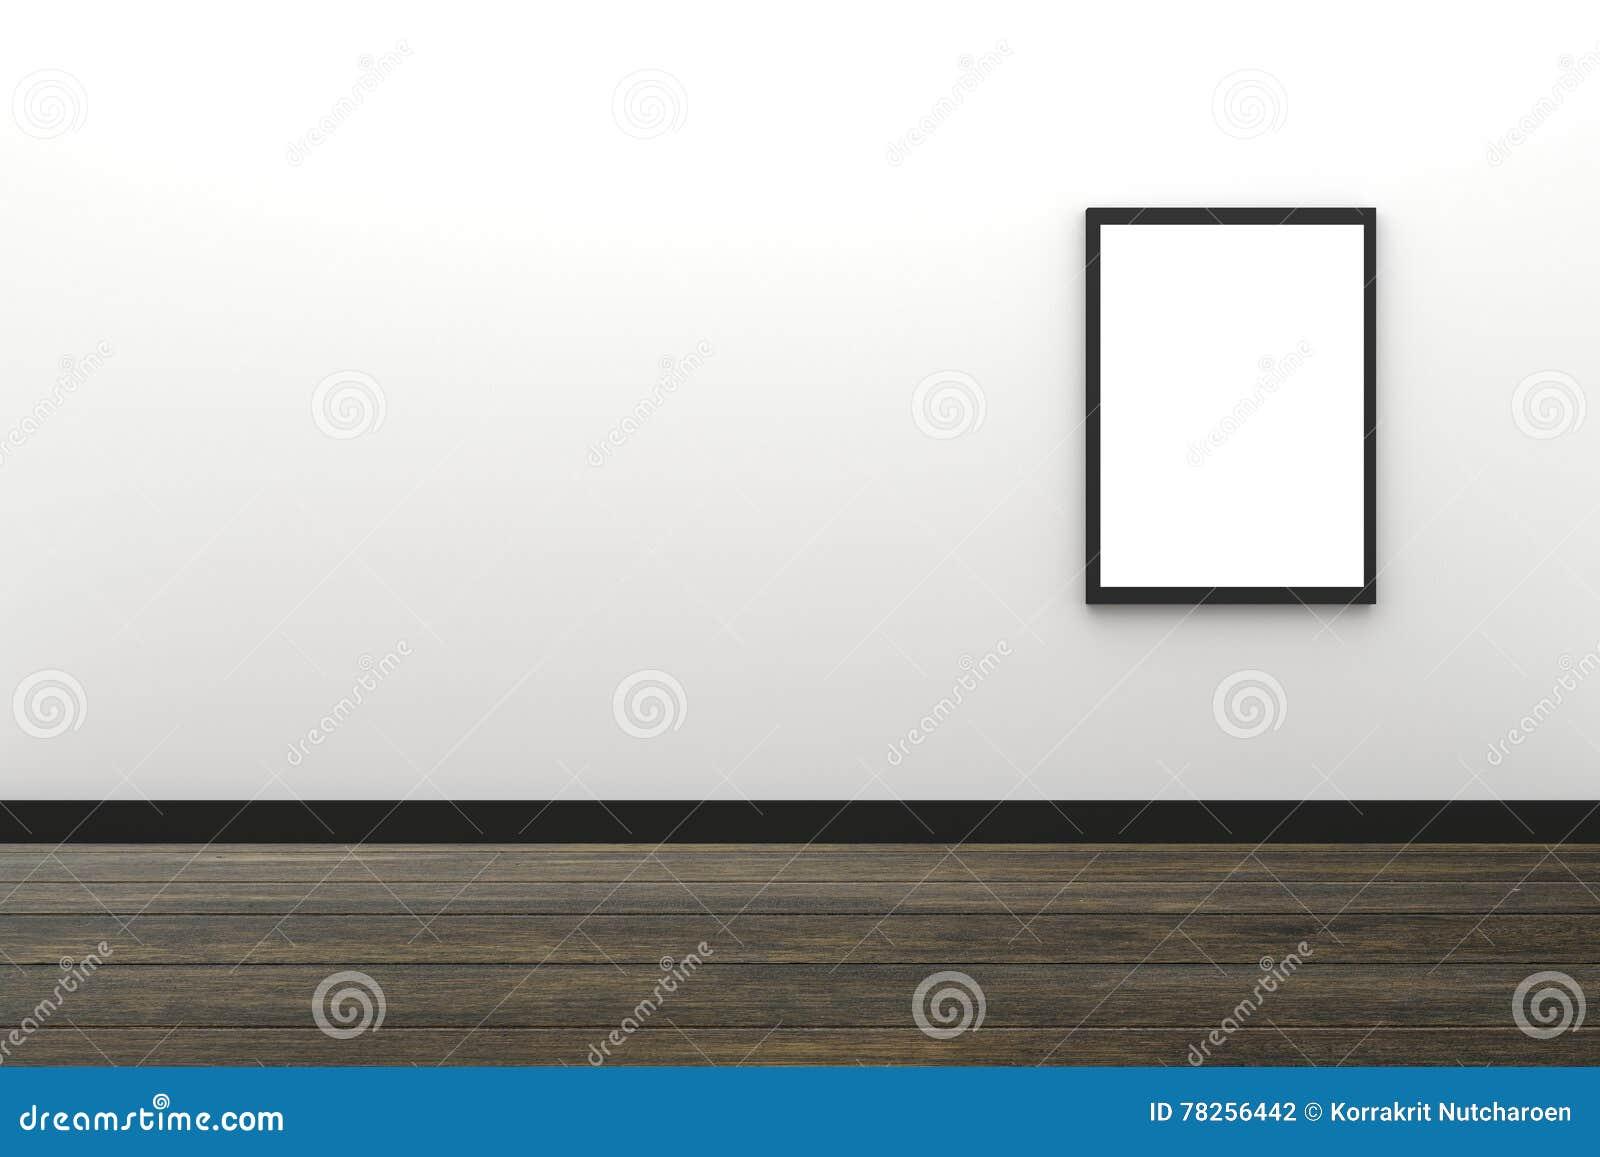 Representación 3D: ejemplo de la ejecución negra en blanco del marco de la foto en el interior blanco de la pared con el piso de